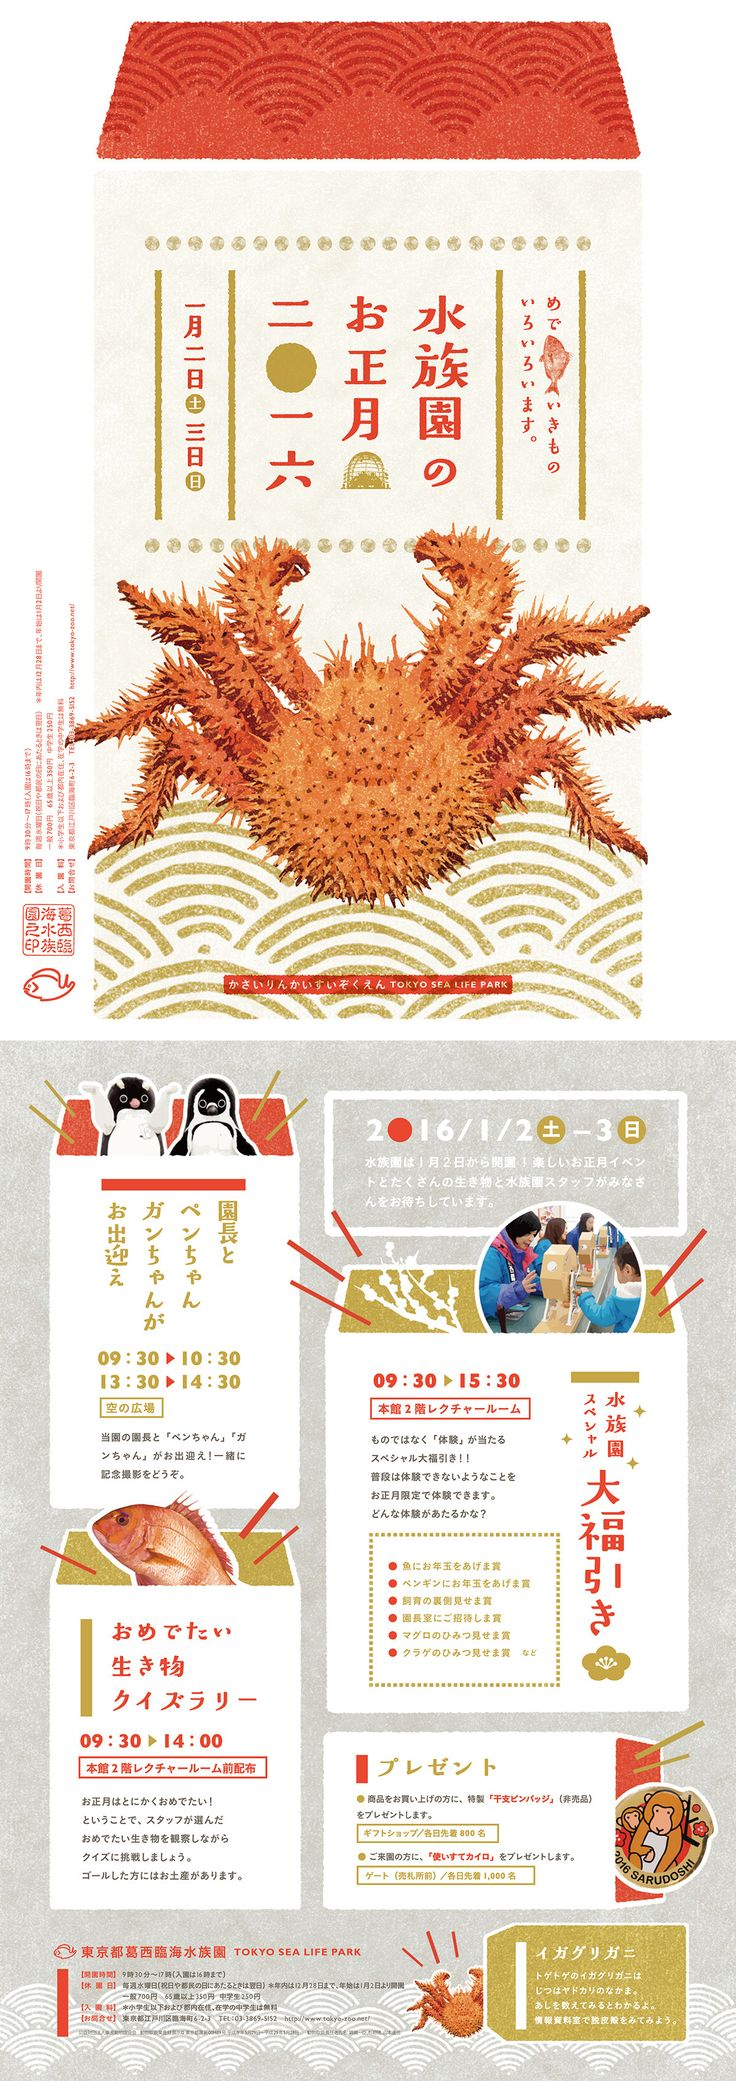 葛西臨海水族園の新年イベント「水族館のお正月 2016」- 和風なデザインで遊び心もある感じでステキ♡ぽち袋のイメージかなぁ|design, graphic, japanese, red, gold